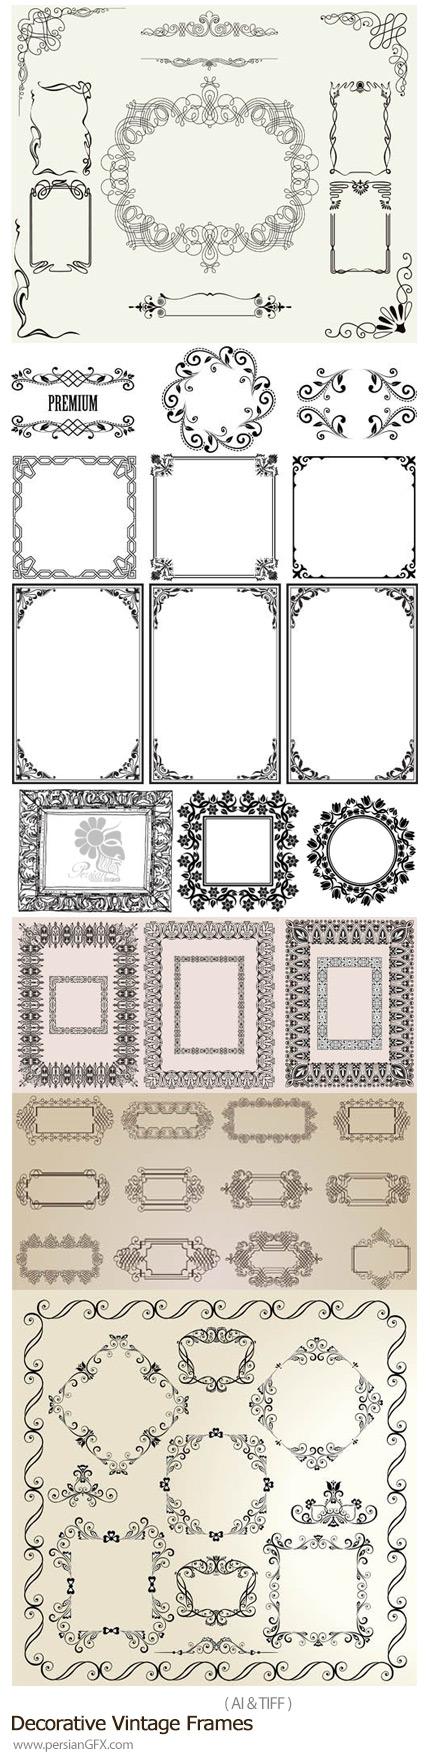 دانلود مجموعه تصاویر وکتور فریم های تزئینی متنوع - Decorative Vintage Frames